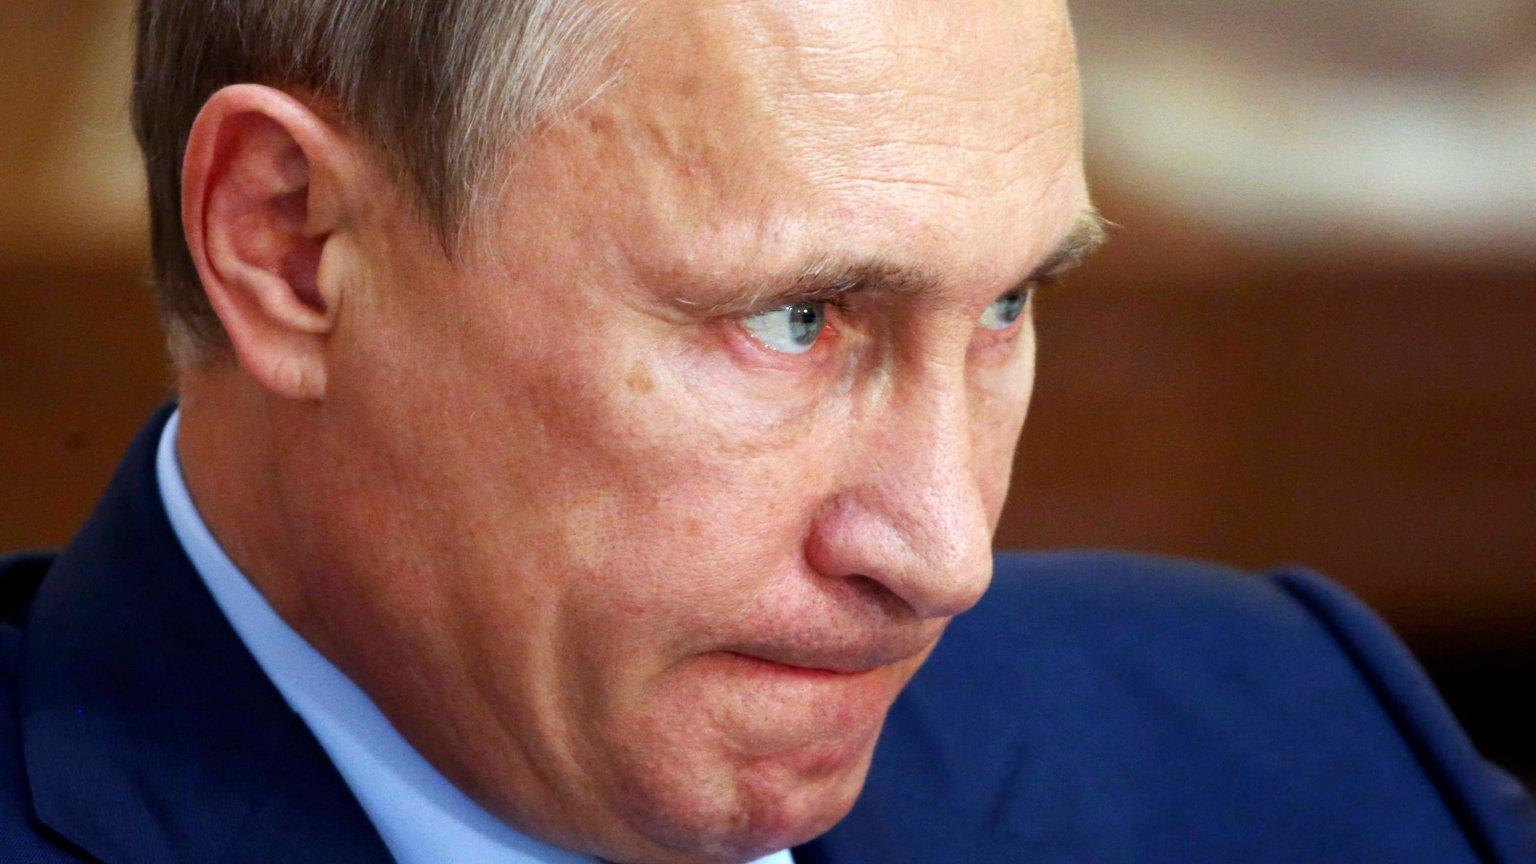 США, политика, Дональд Трамп, россия, путин, солсбери, удар, потрников. экономика